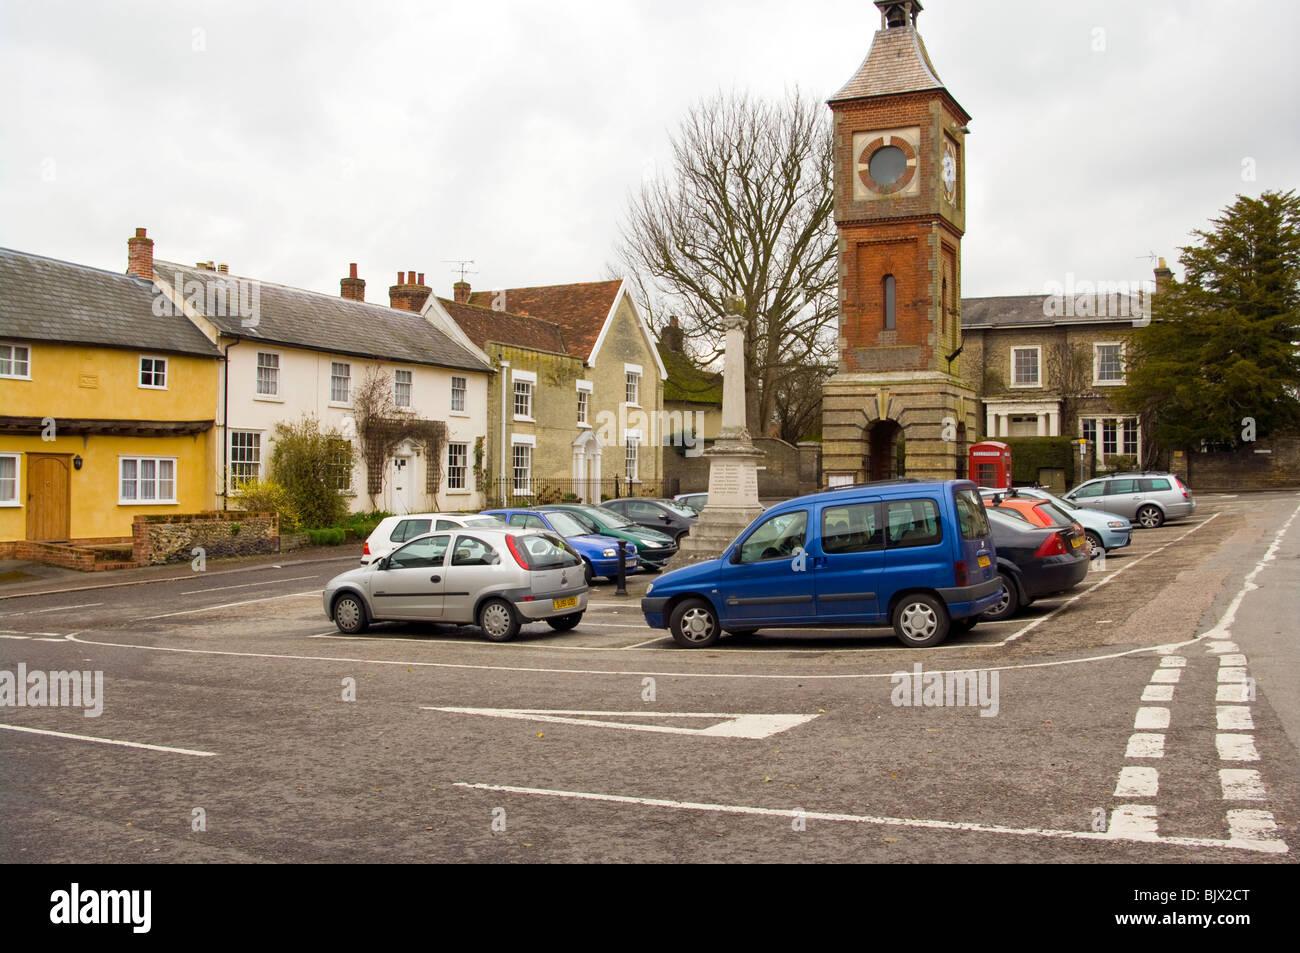 Village Clock Market Place Bildeston Suffolk - Stock Image